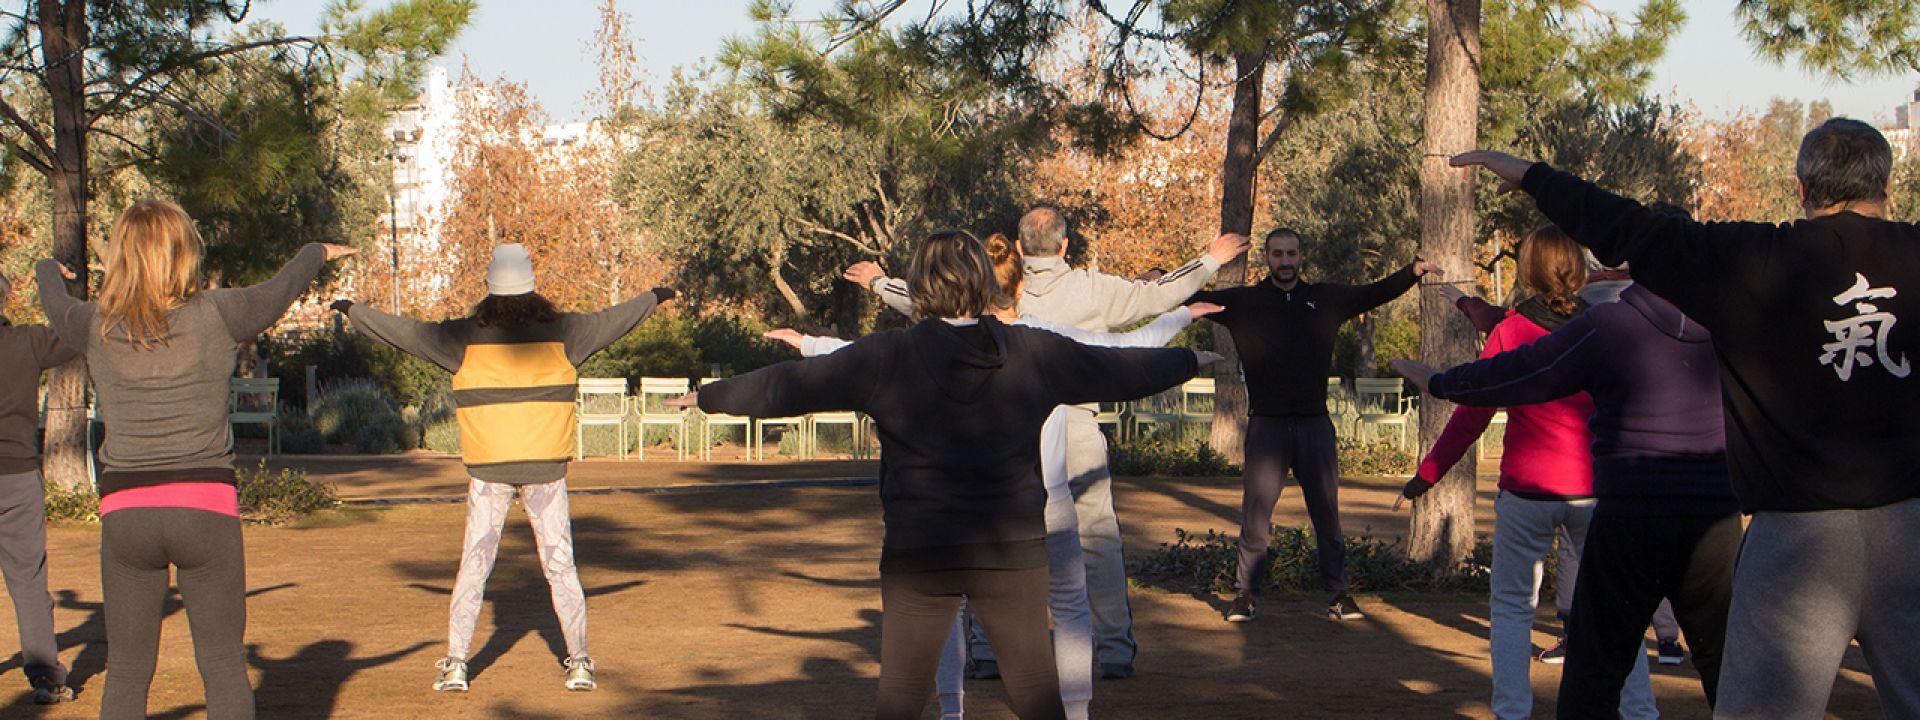 Φωτογραφία από μάθημα Tai Chi στο Πάρκο Σταύρος Νιάρχος